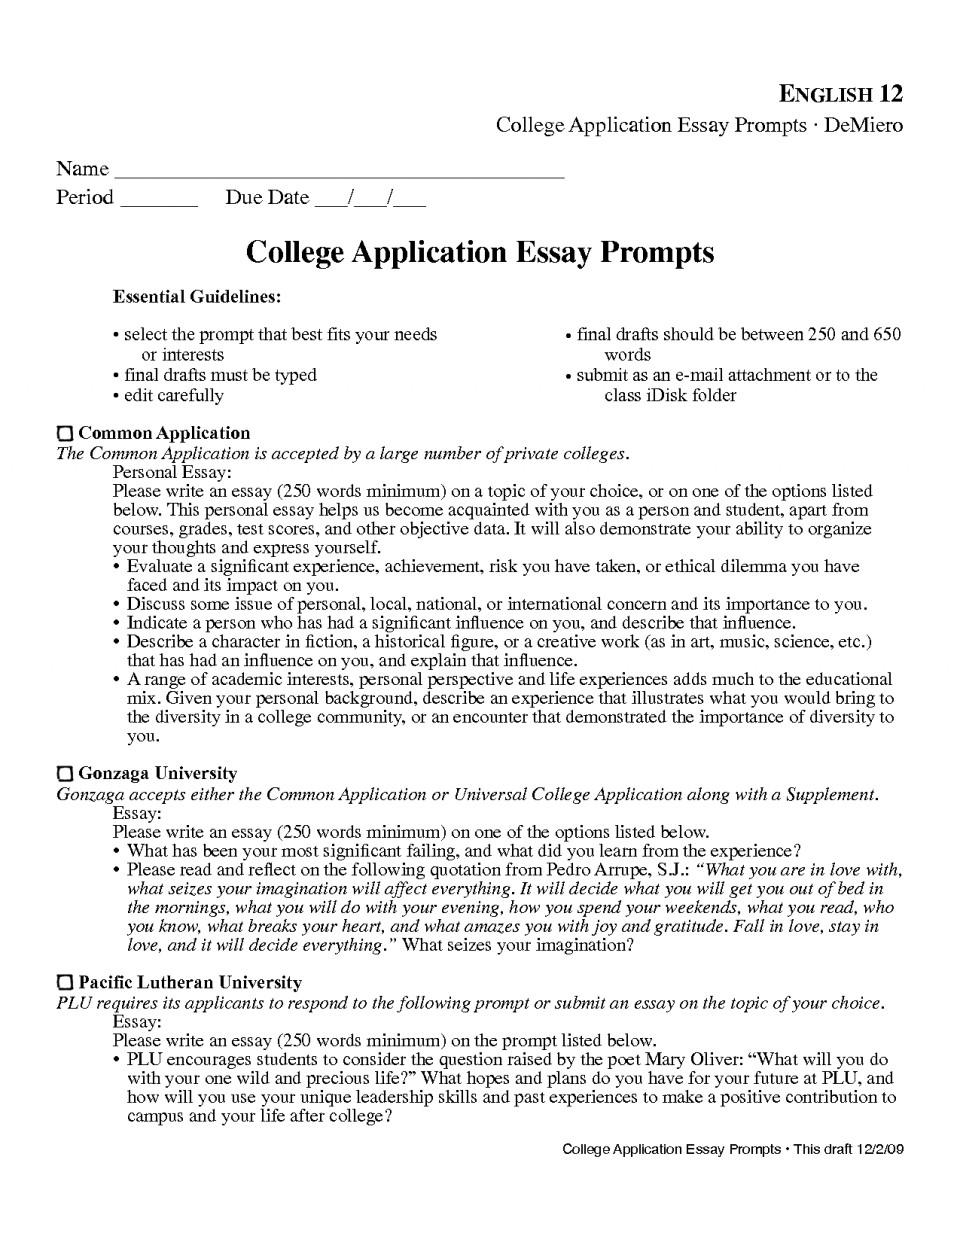 Uva application essay help